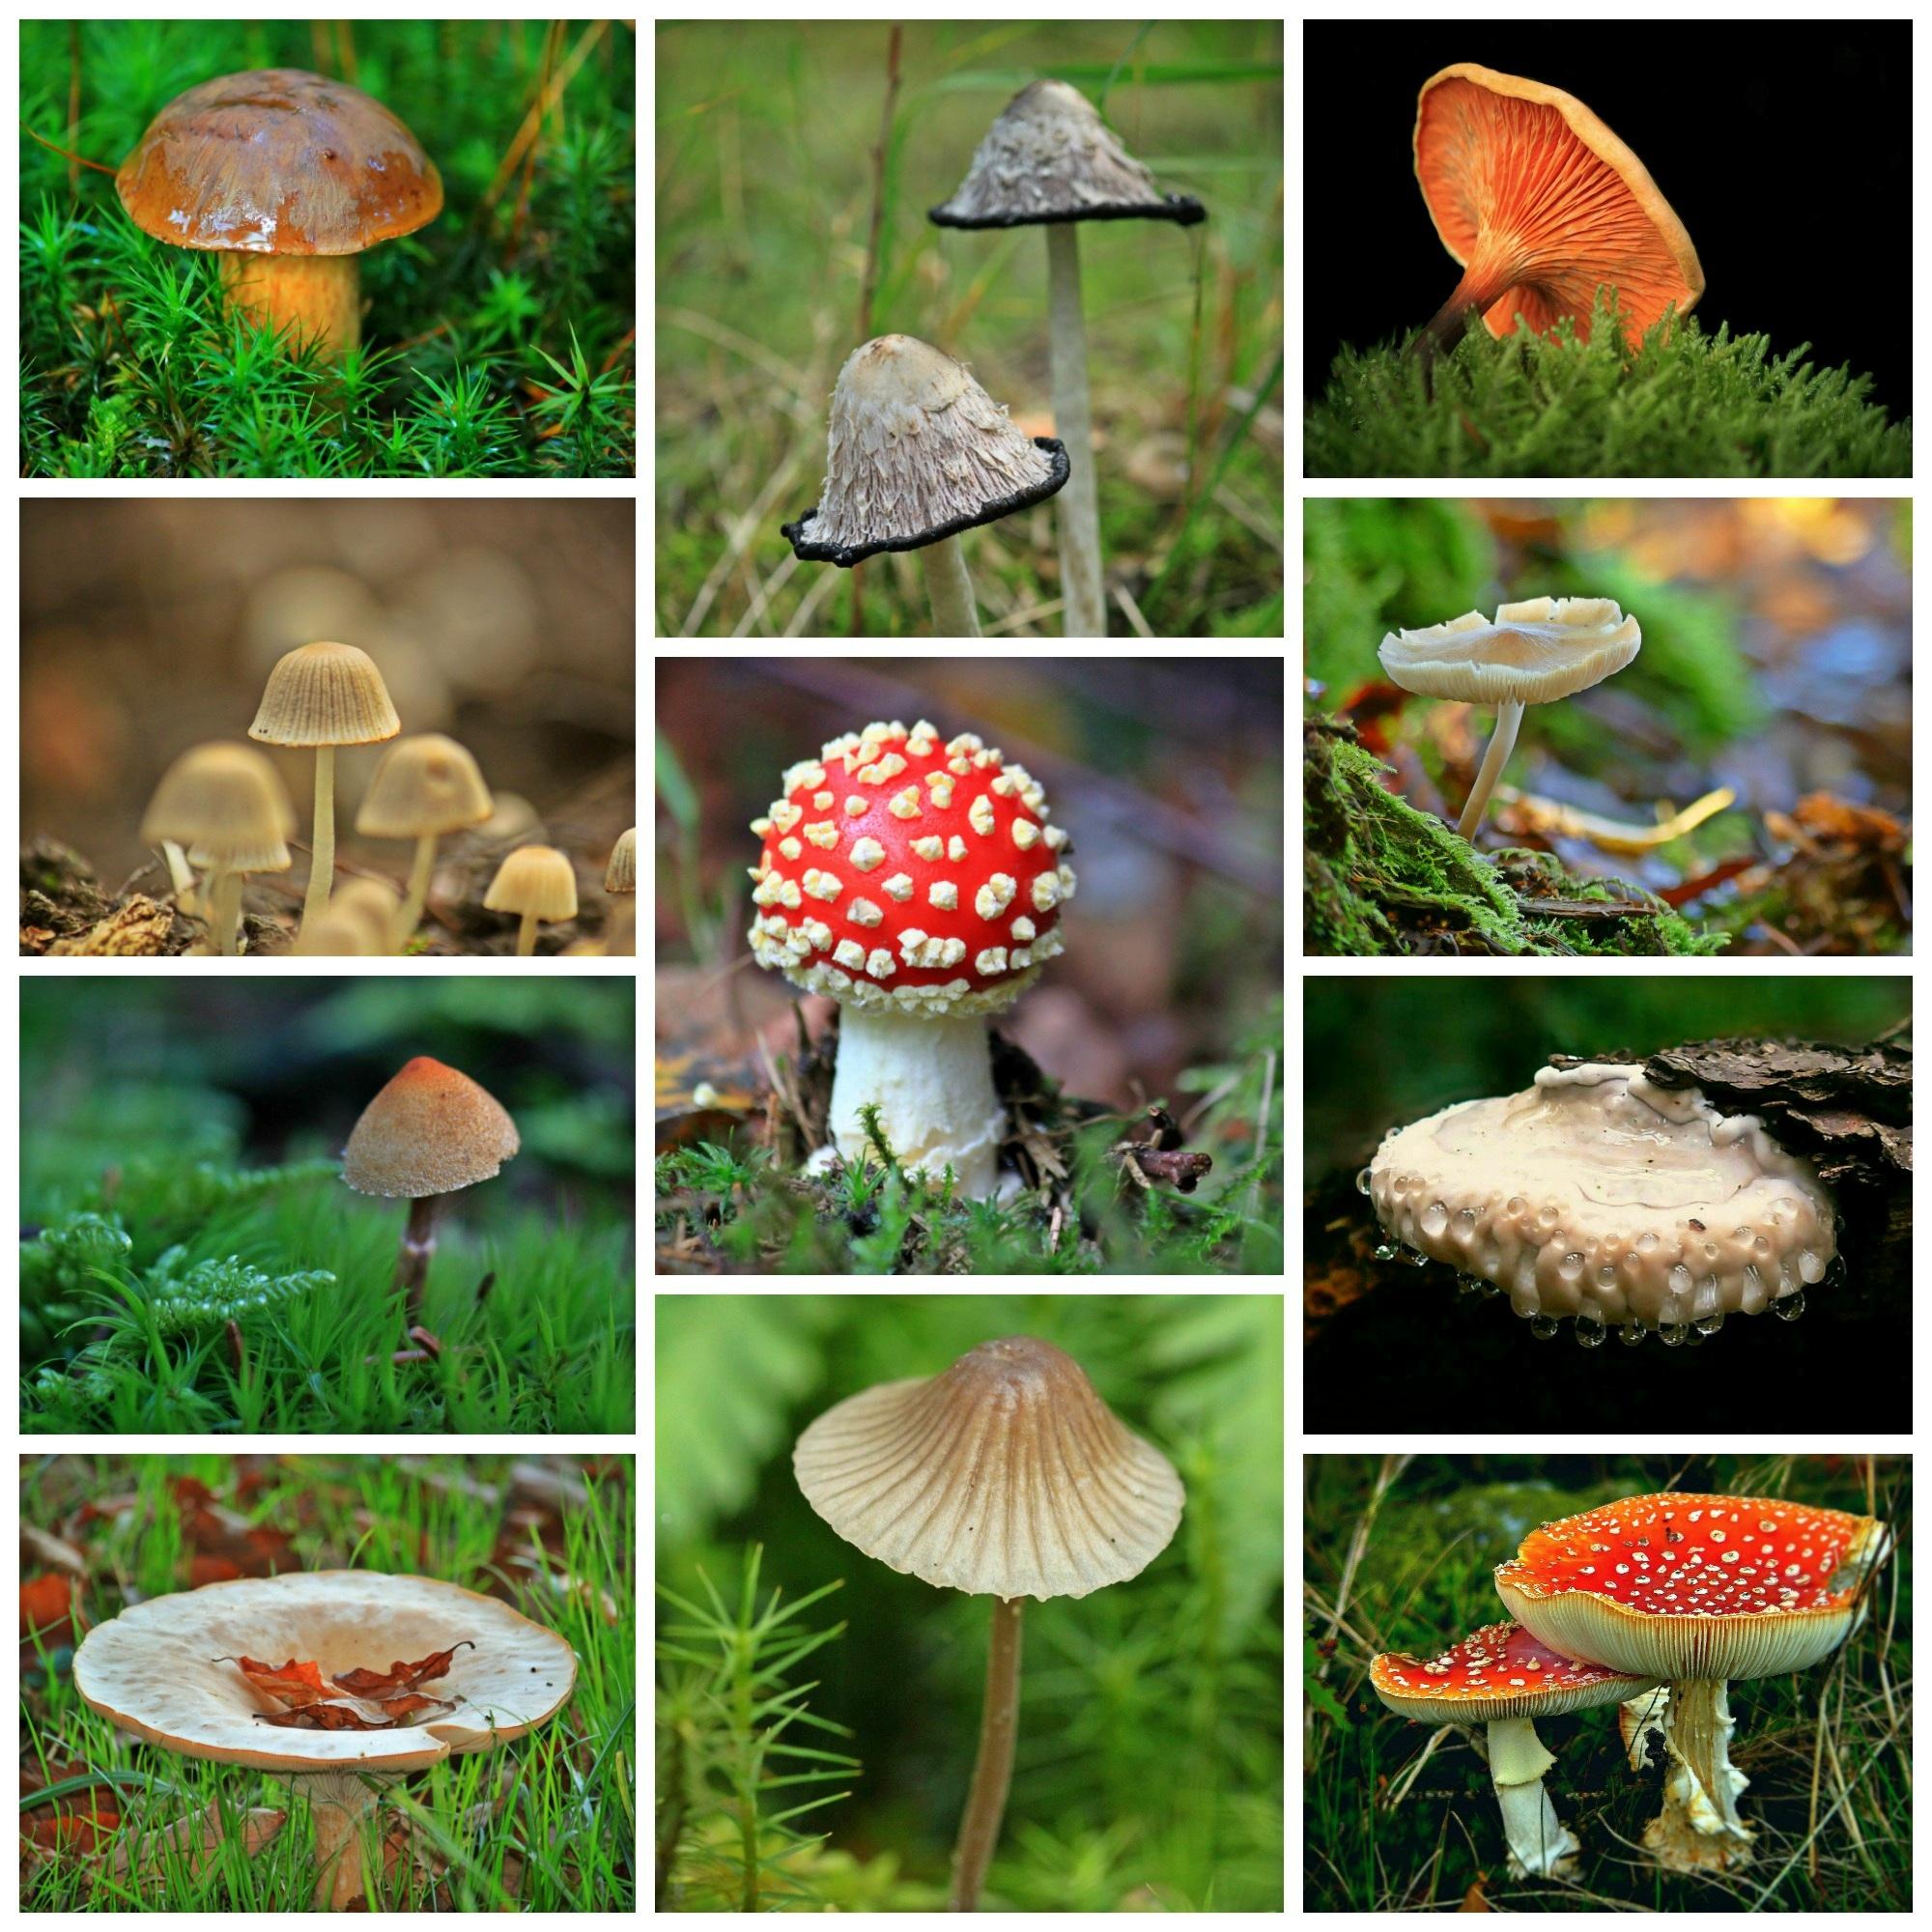 фото и названия всех видов грибов хорошей рекламе конноспортивном